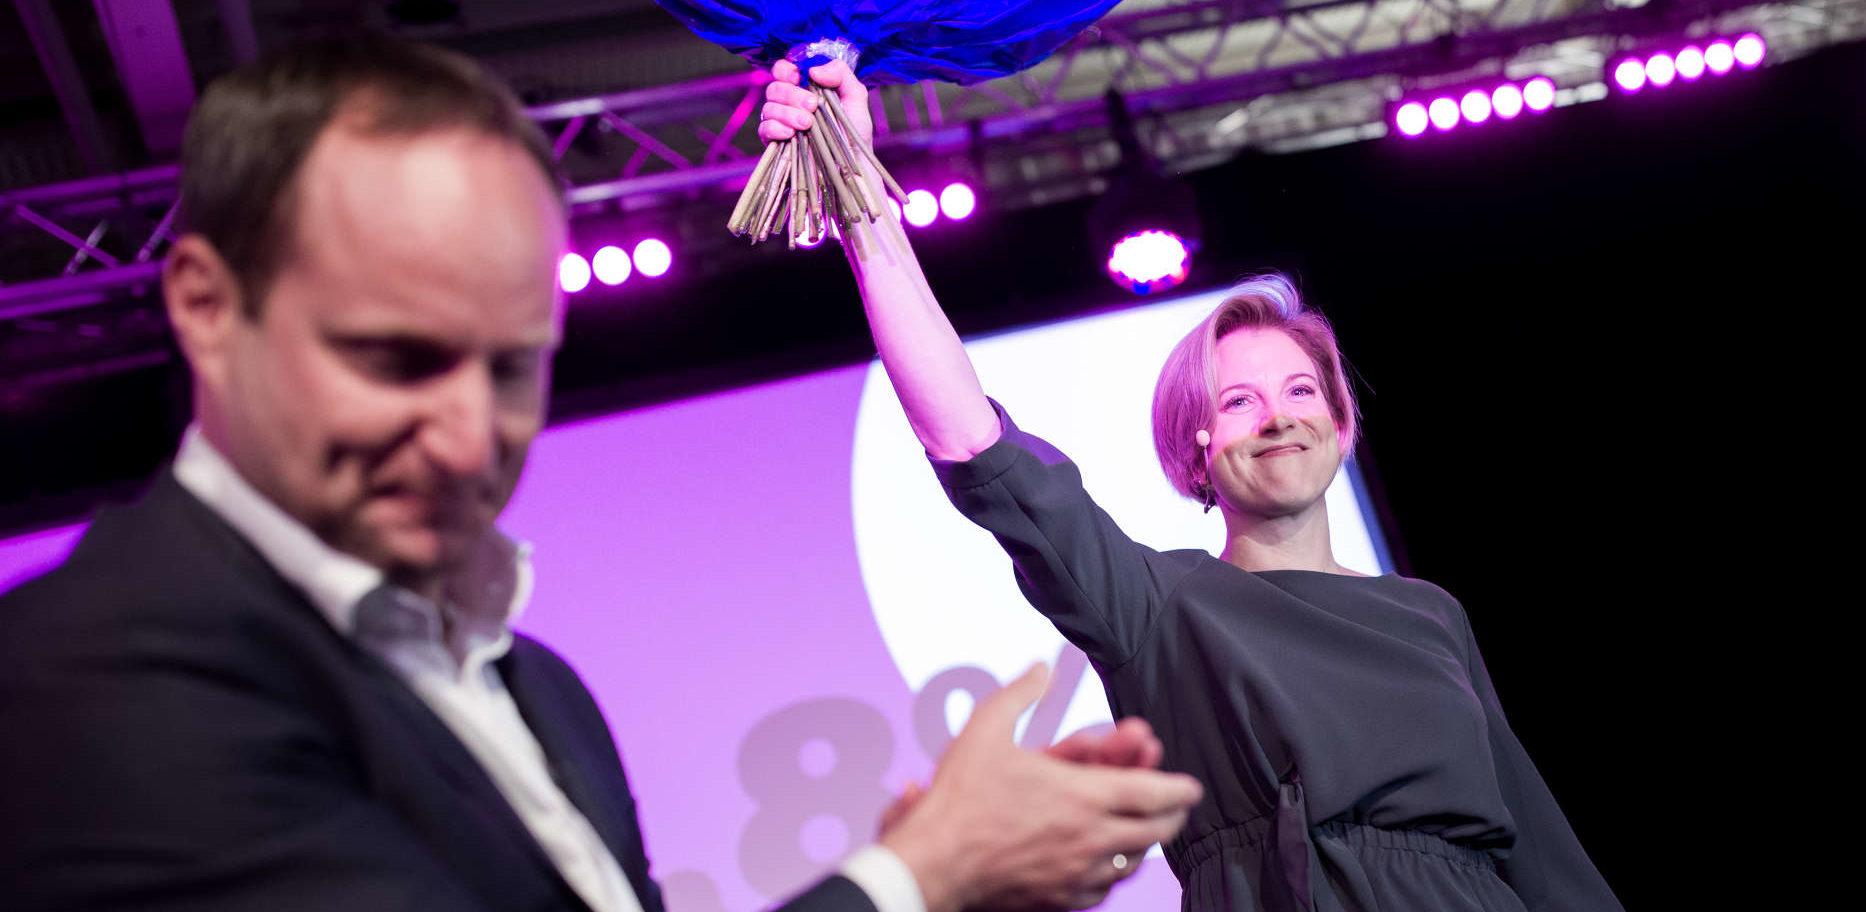 Parteigründer Strolz übergab die Führung der Neos an Meinl-Reisinger.